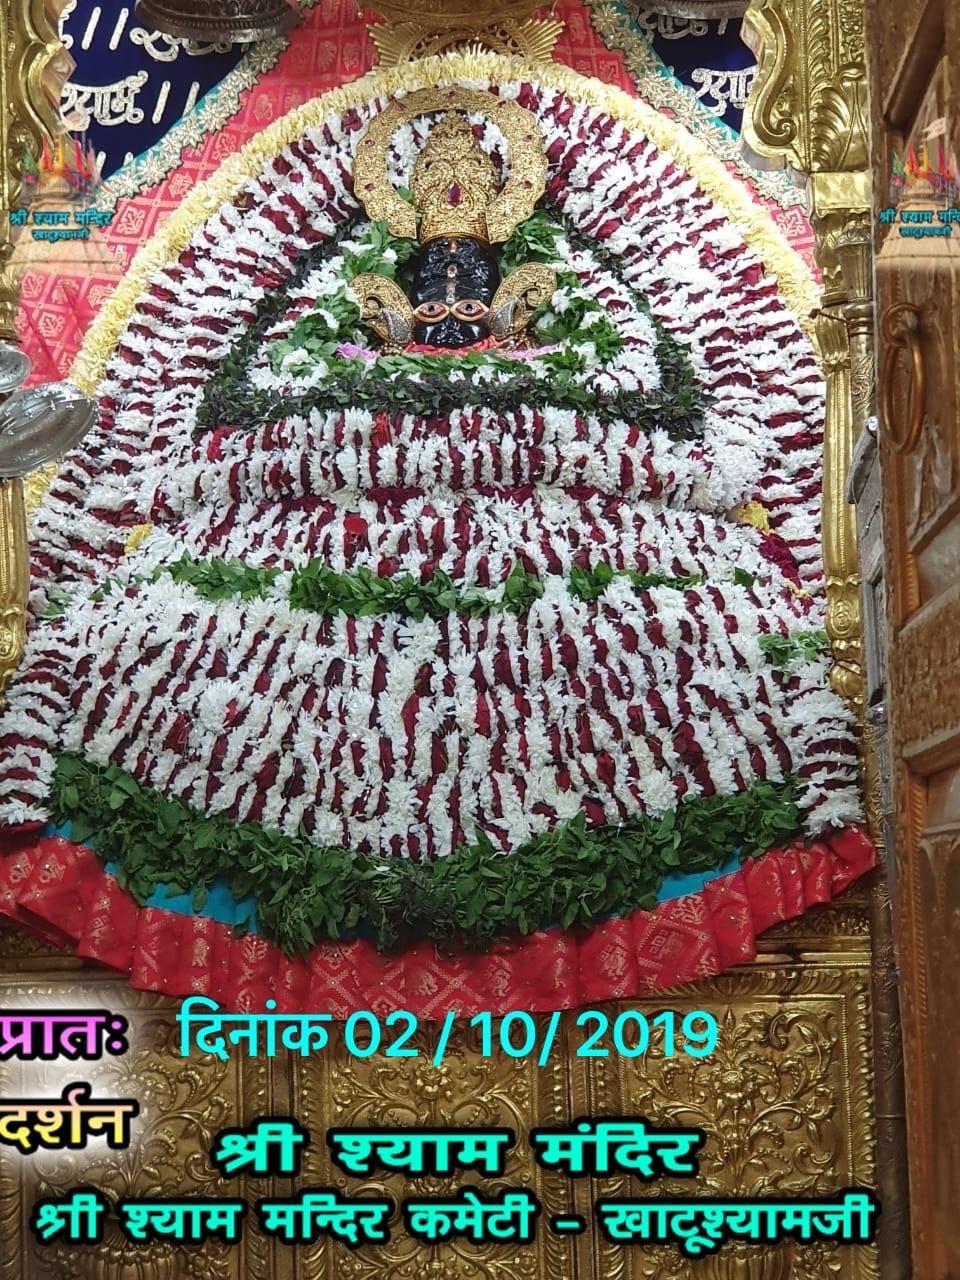 khatu shyam darshan 02.10.2019